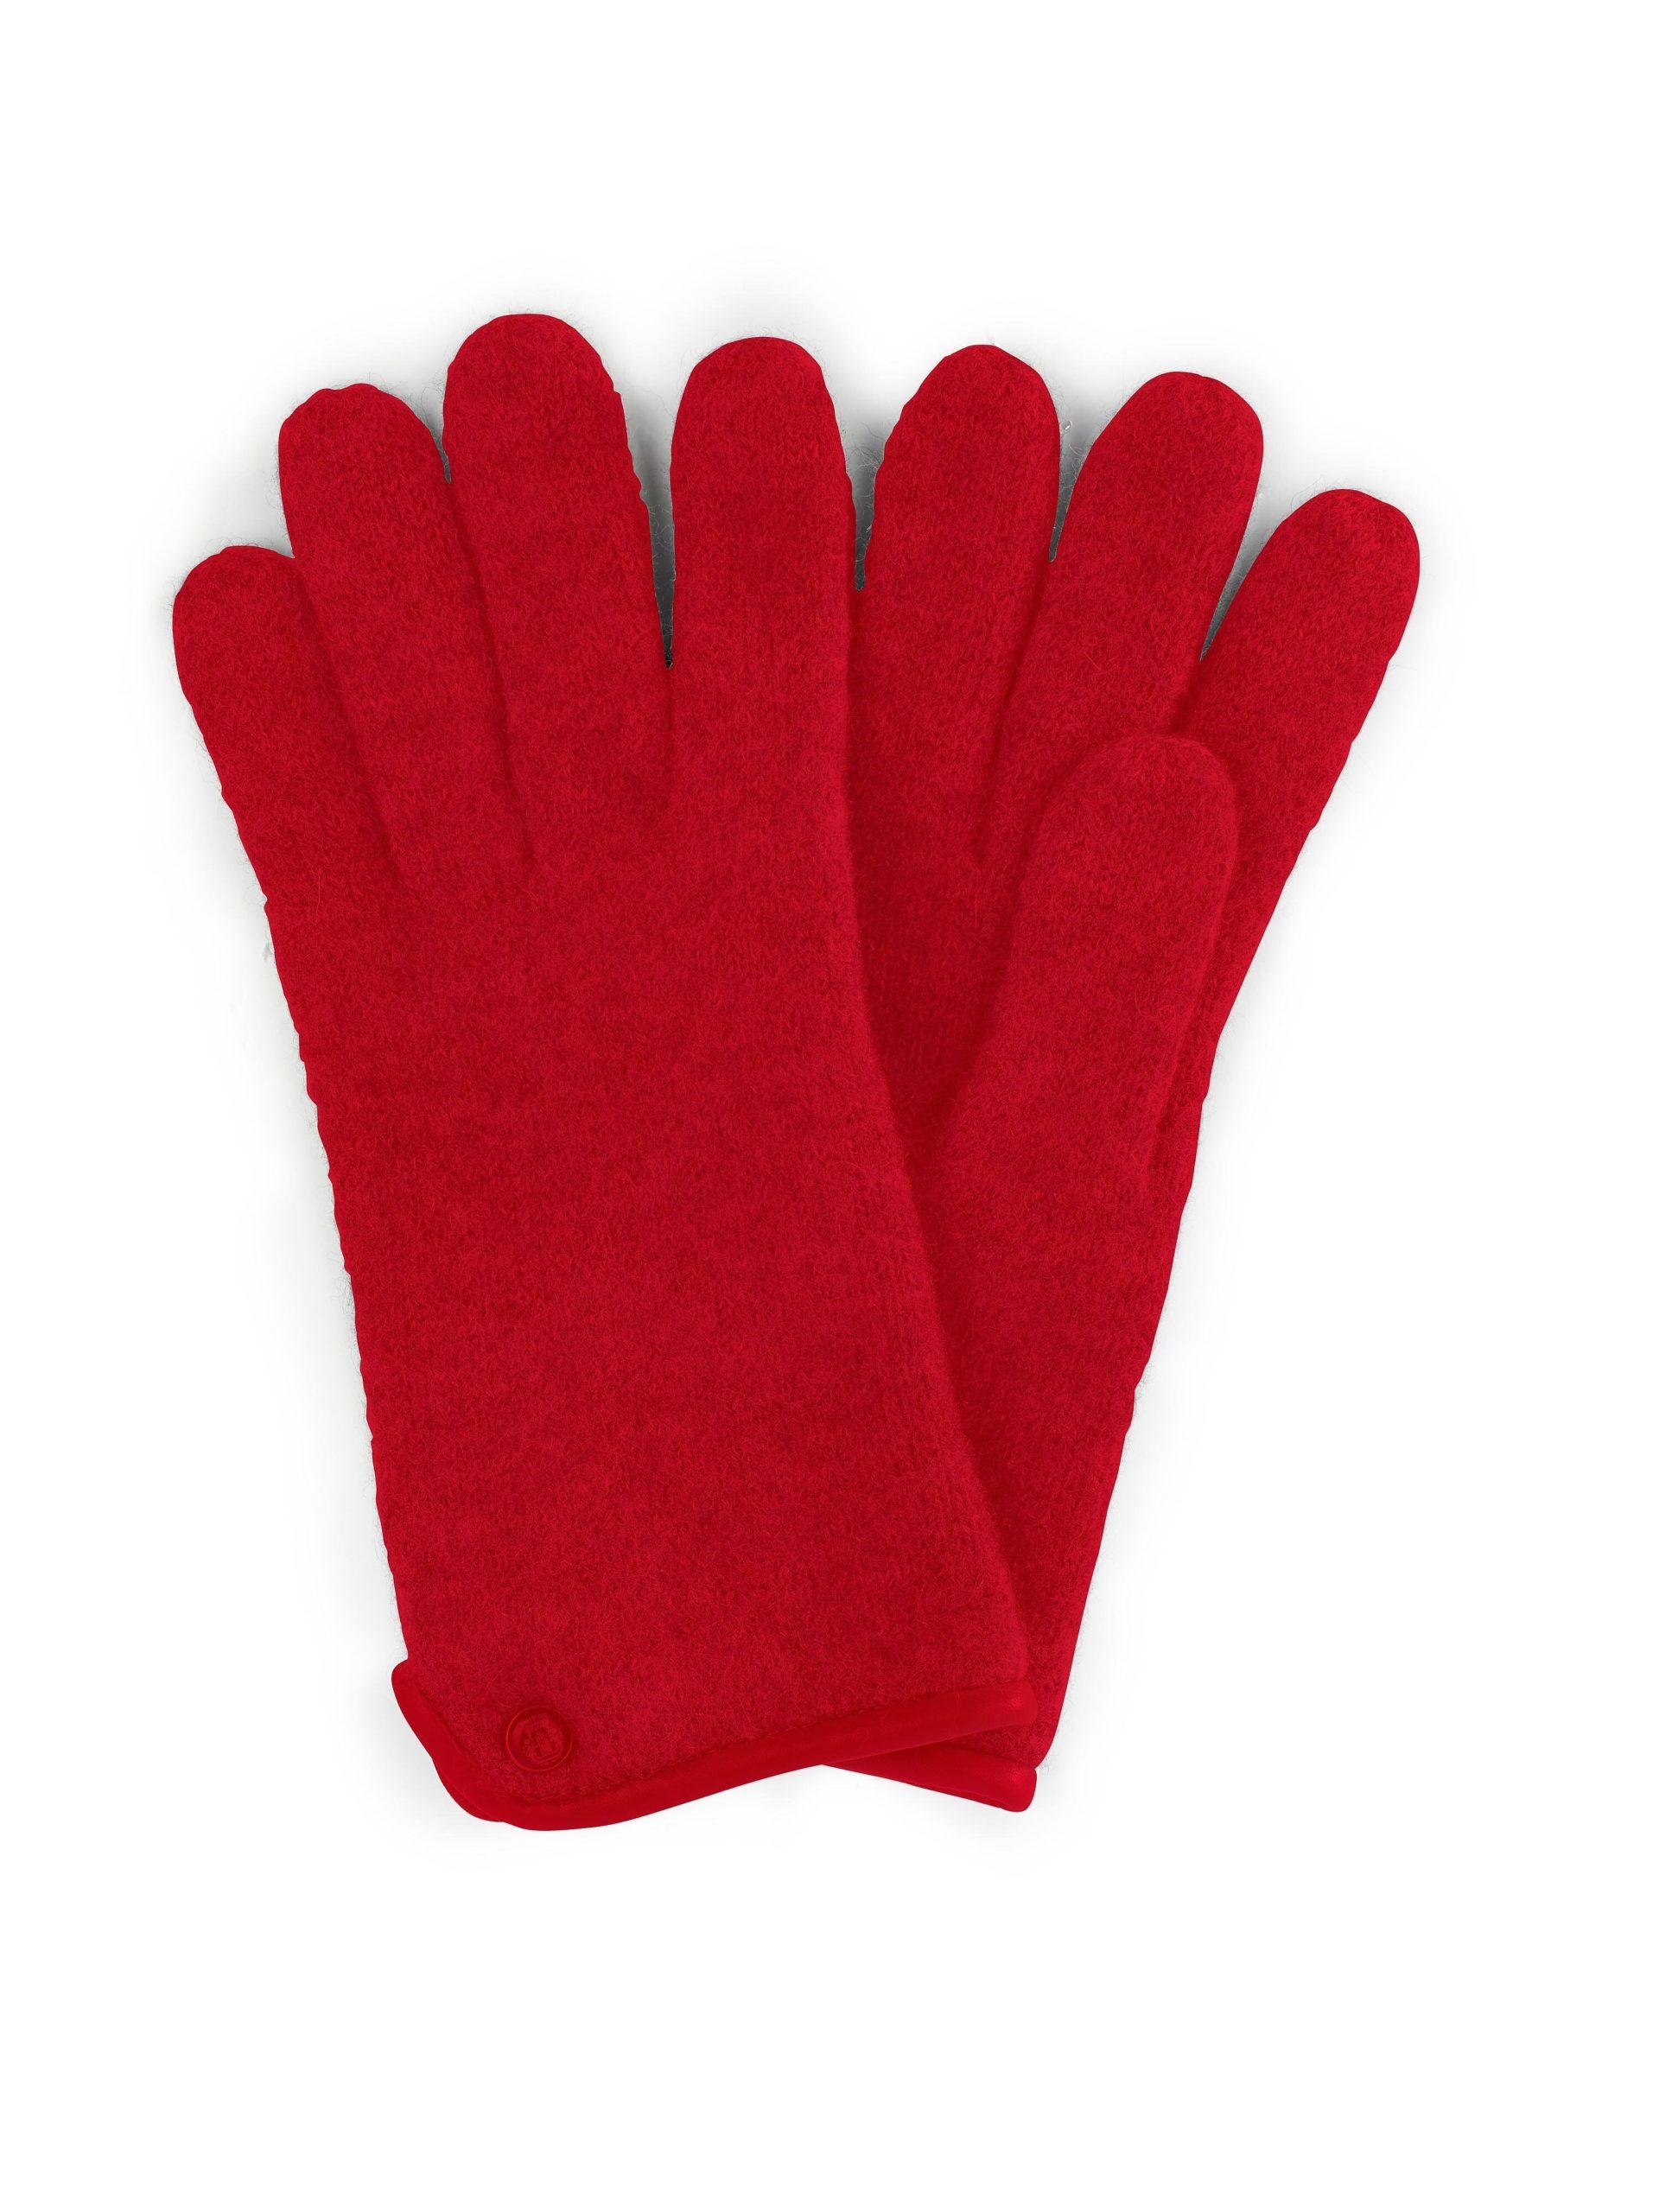 Handschoenen van 100% scheerwol Van Roeckl rood Kopen